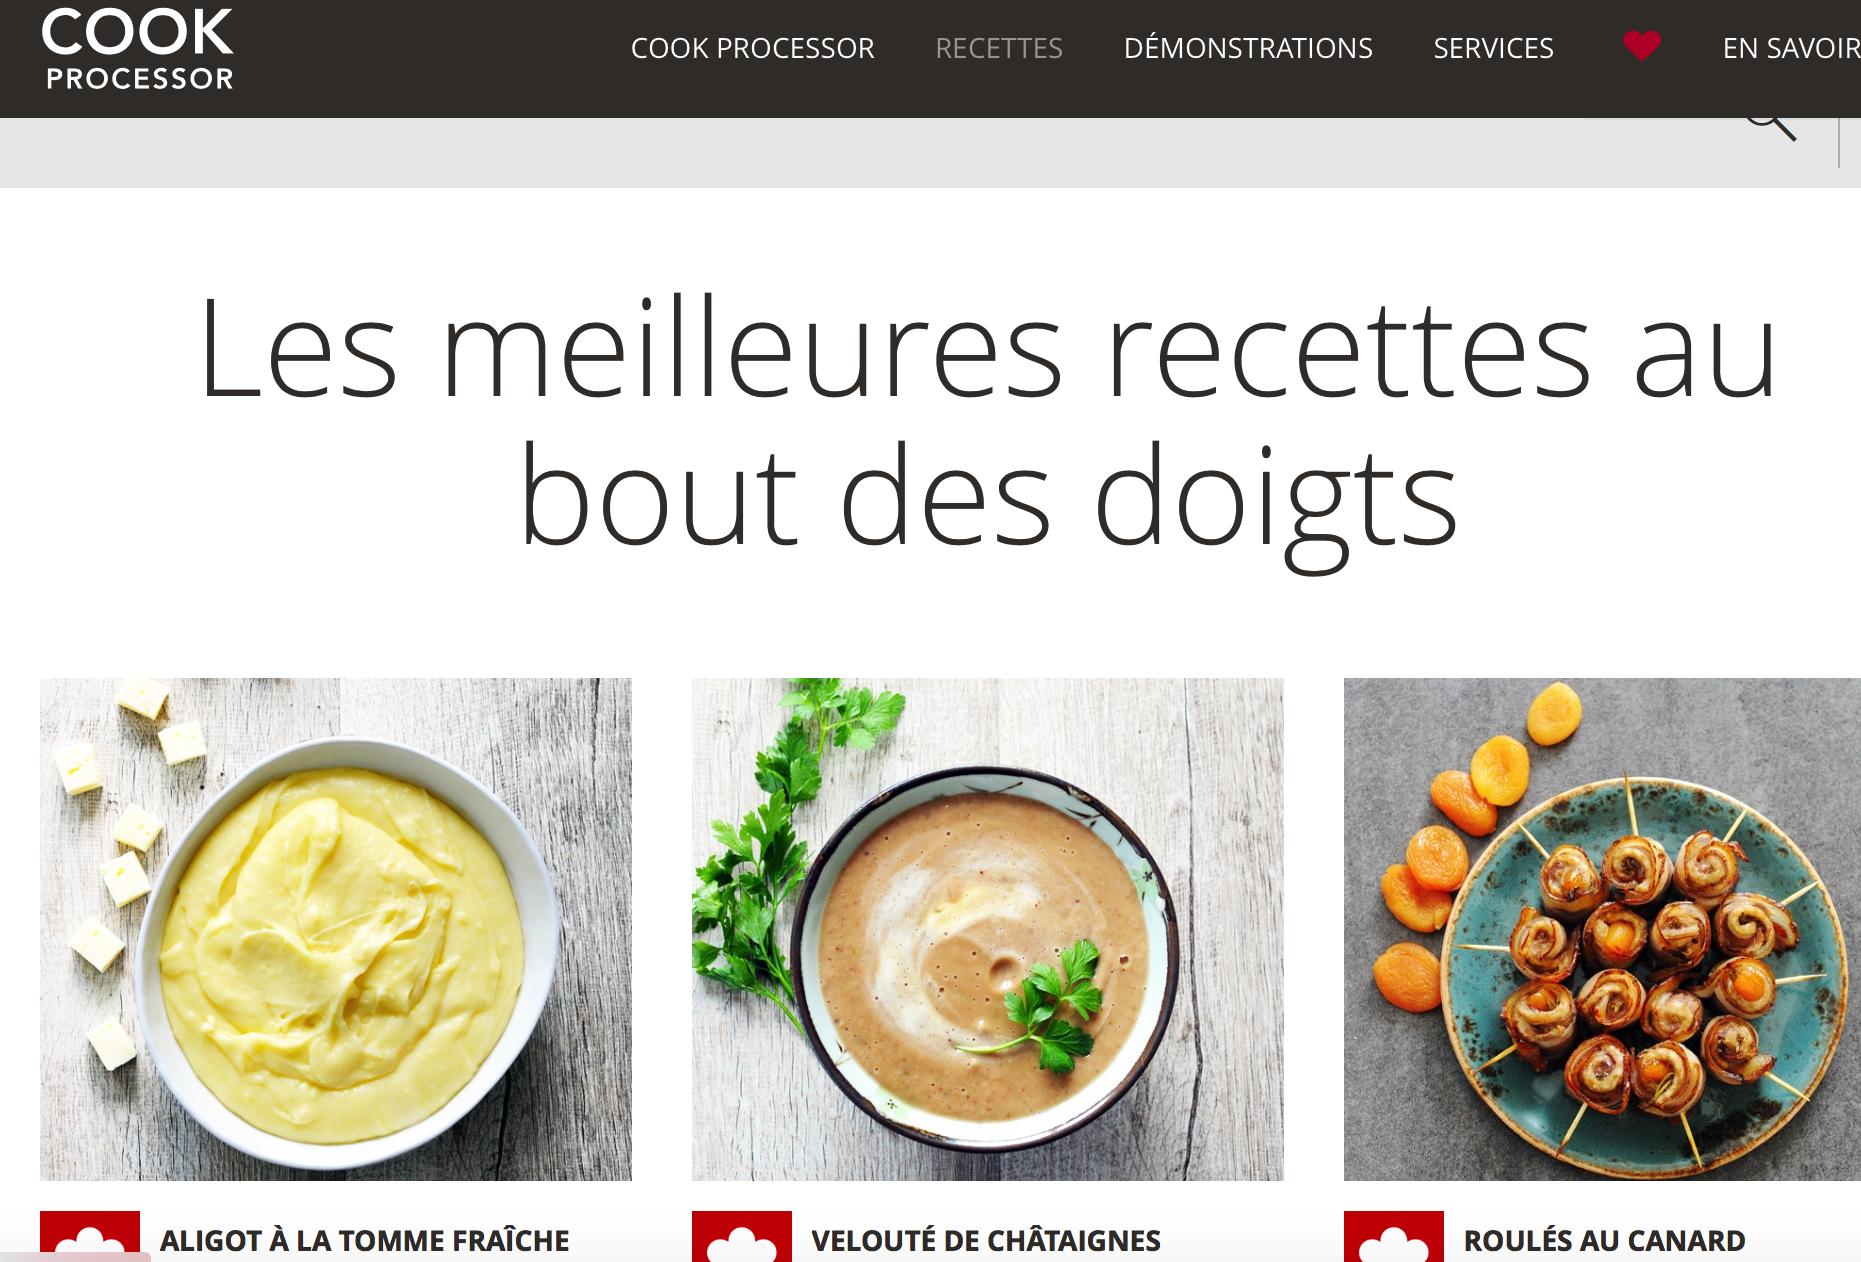 Nouvelles recettes corrig es bient t sur le site kitchenaid recettes pour le cook processor de - Livre de cuisine kitchenaid ...